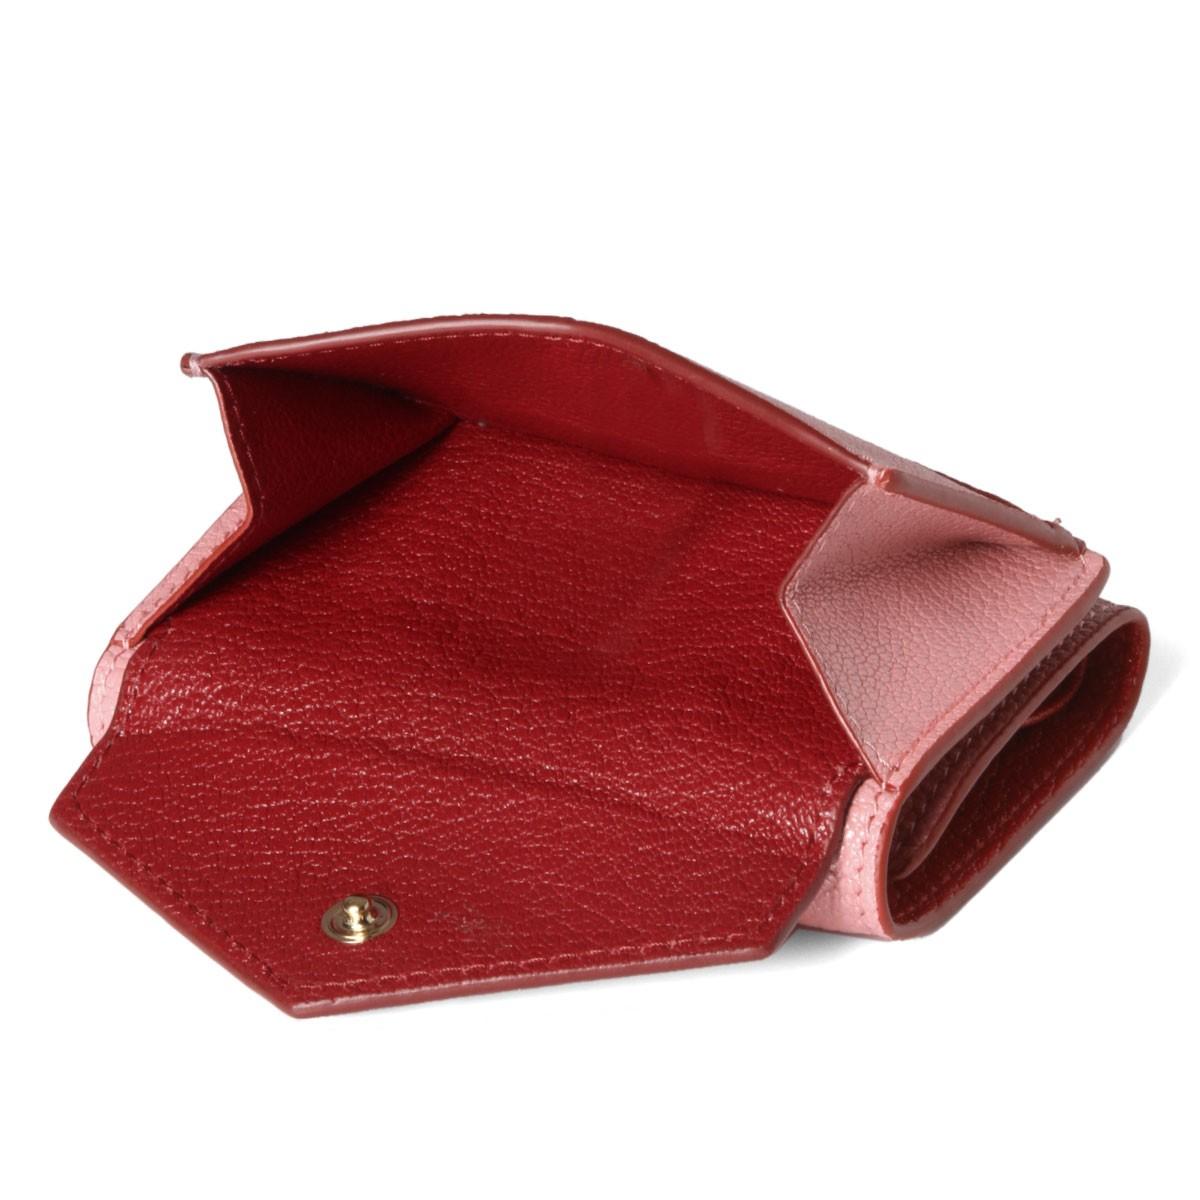 ミュウミュウ,ミニ財布のピンク